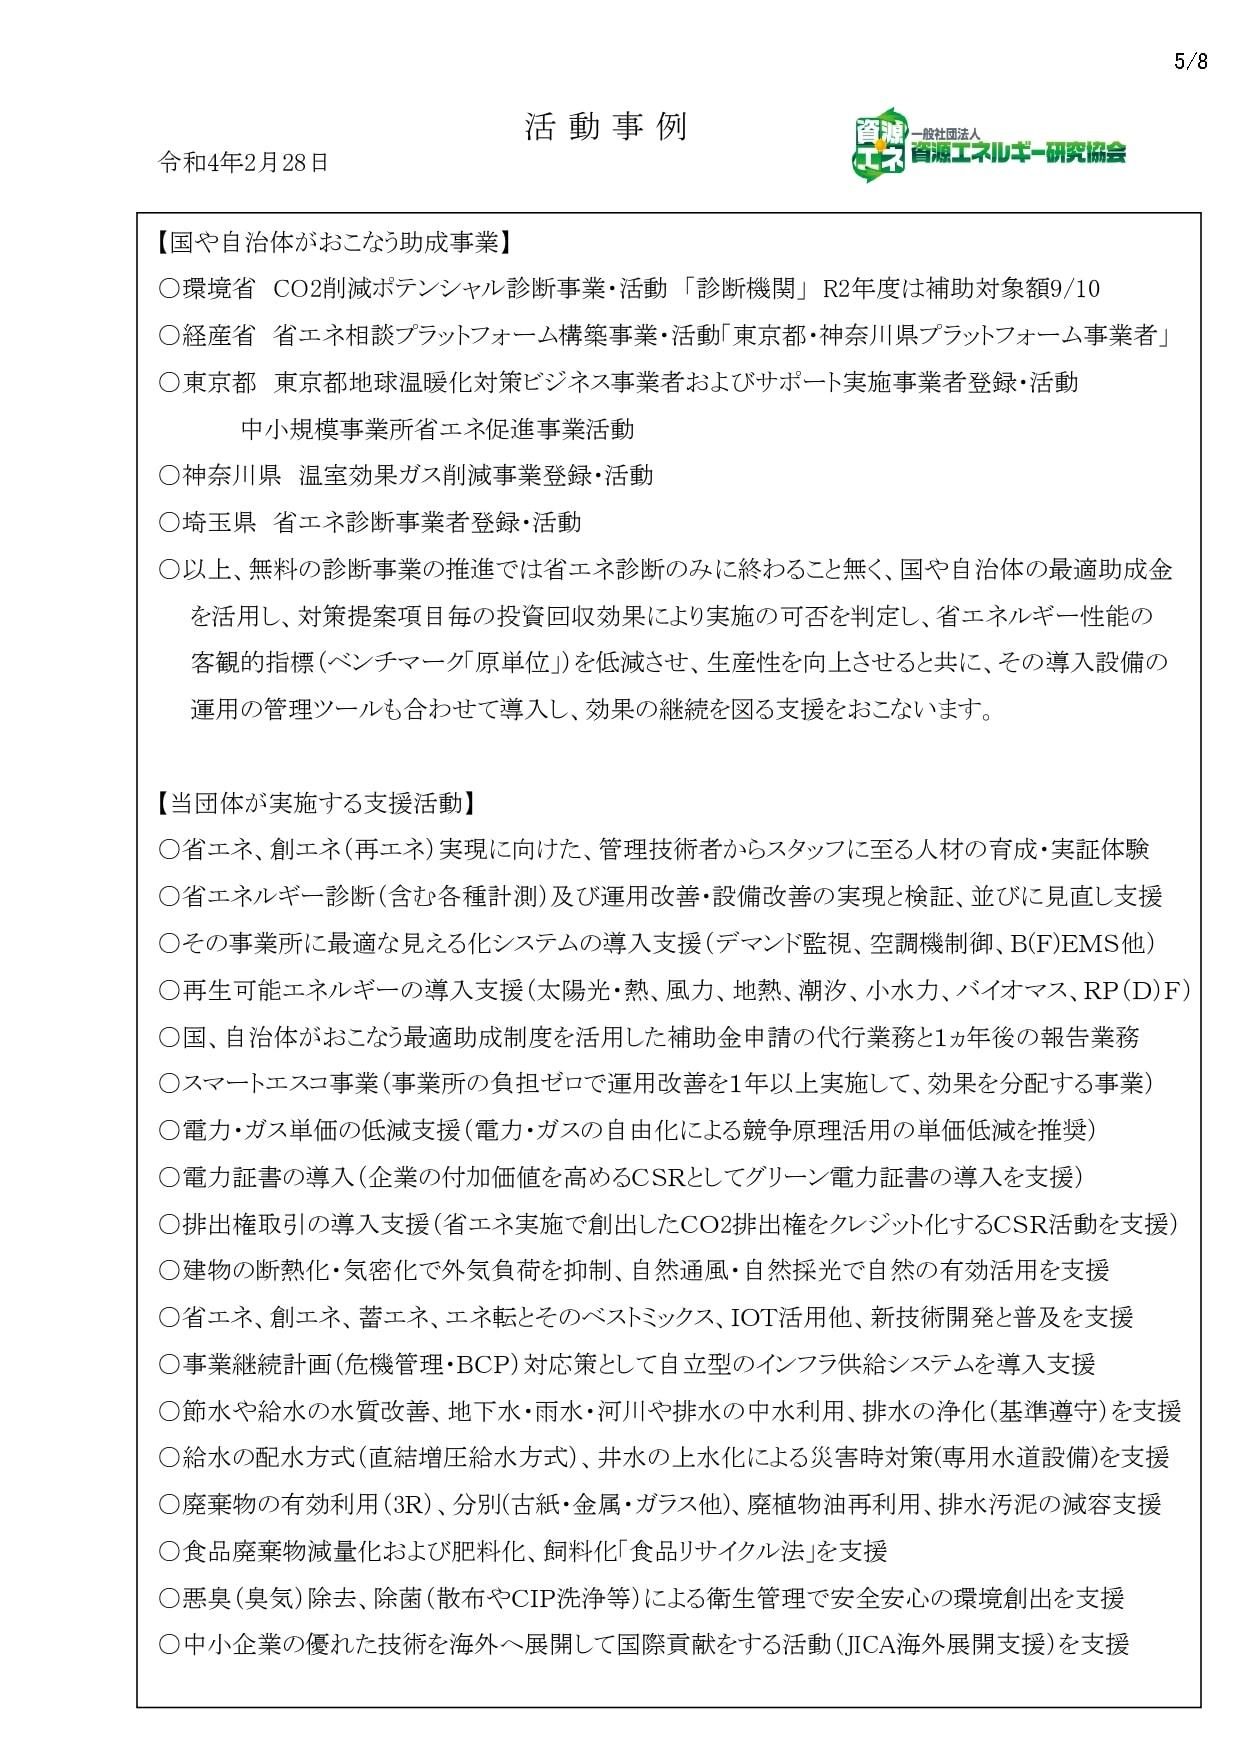 団体概要 -Page5-